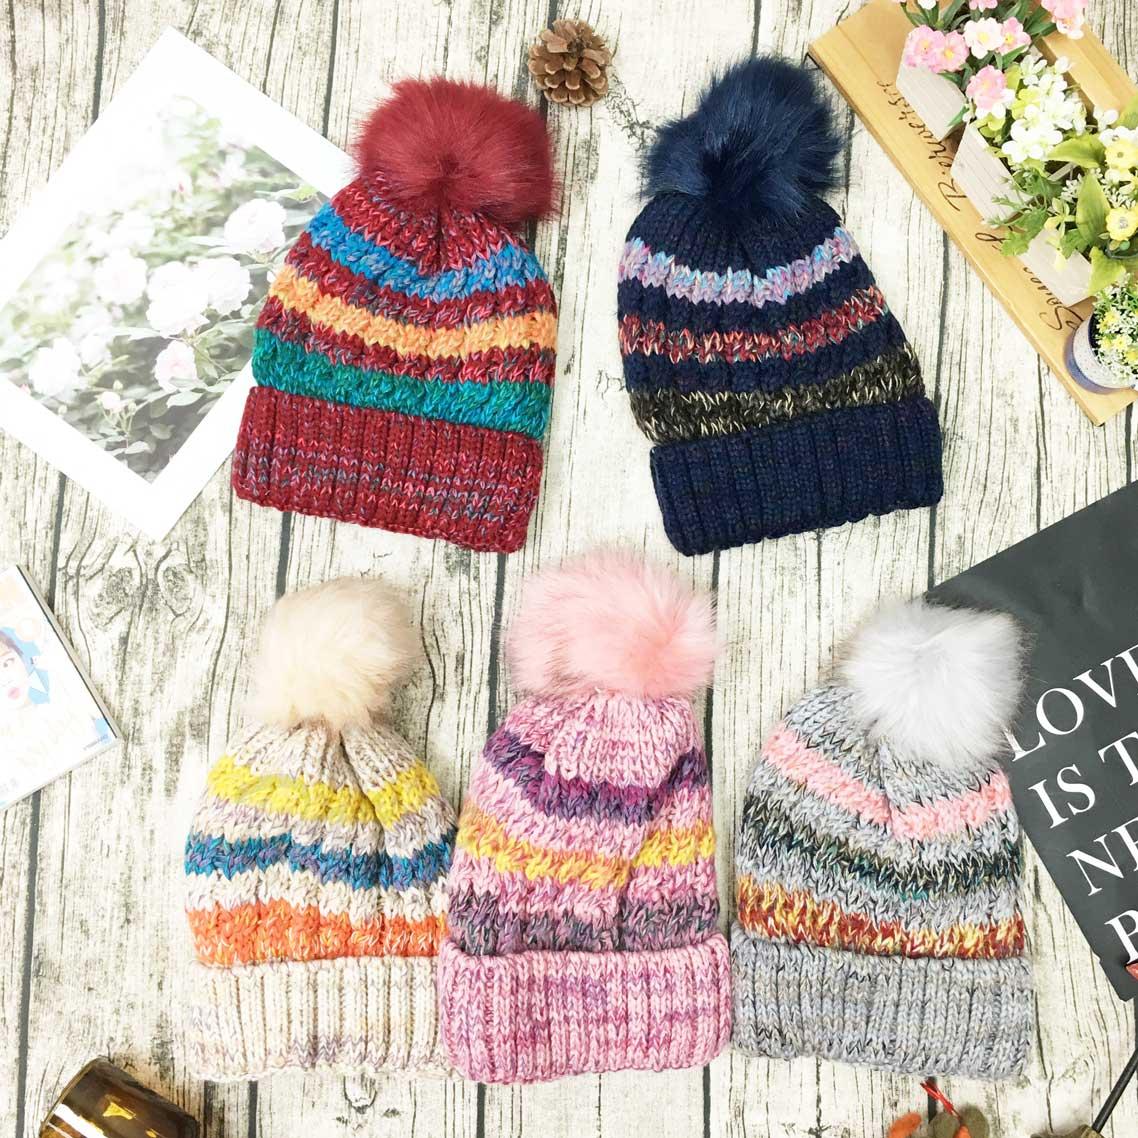 帽子 條紋 混搭 撞色 毛線編織 內刷毛 毛球毛帽 保暖 五色